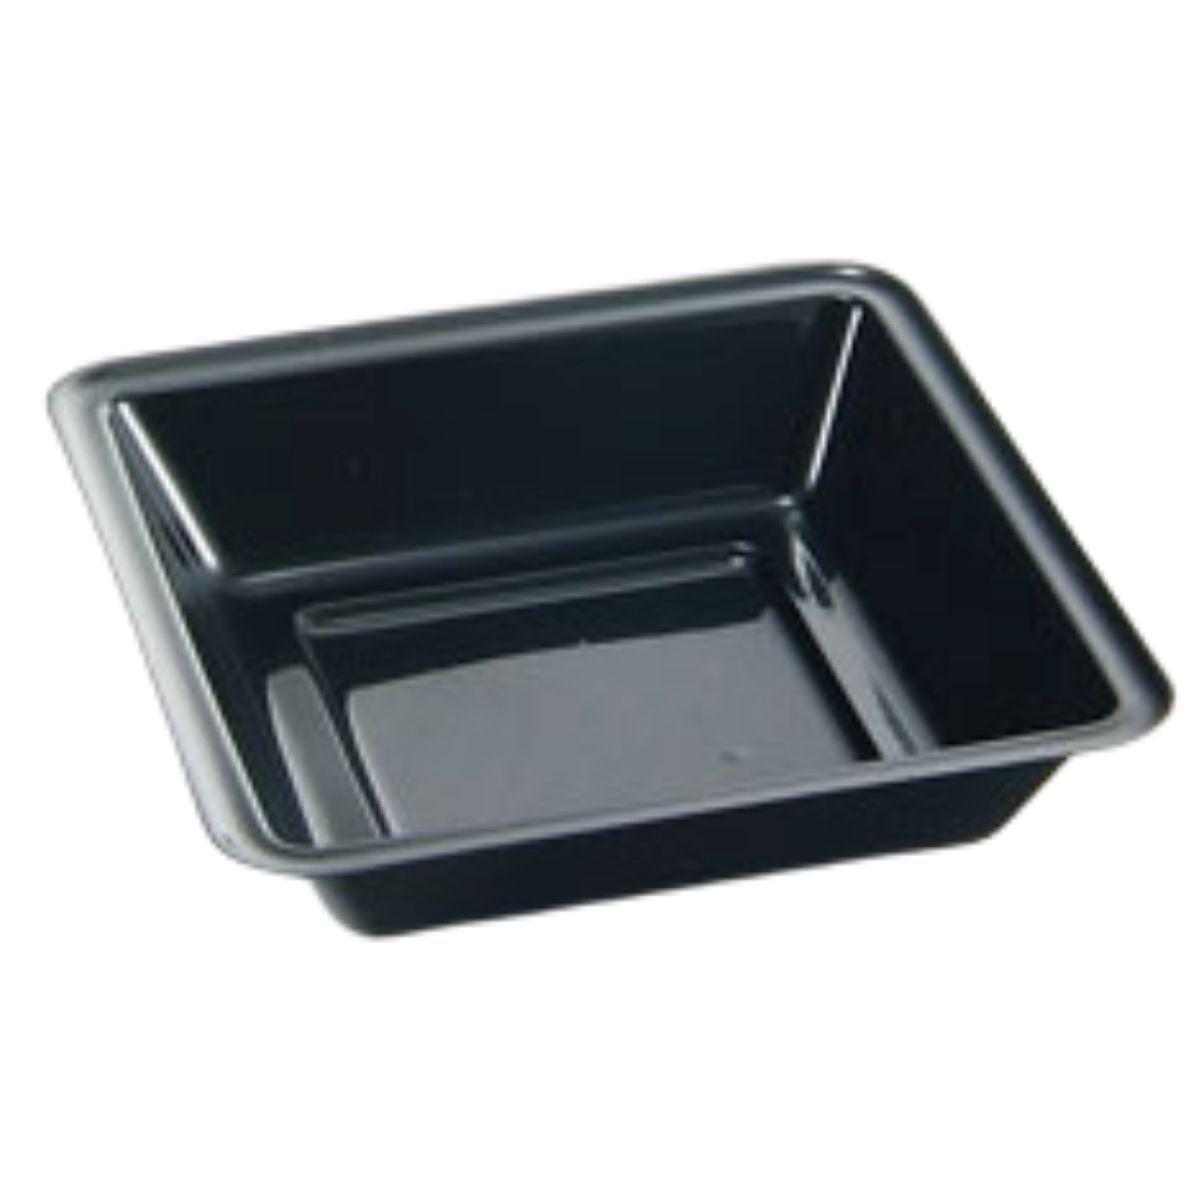 Embalagem Berço Porta Shoyu Molheira Sushi 1000 Unidades - Shoyu Zarah